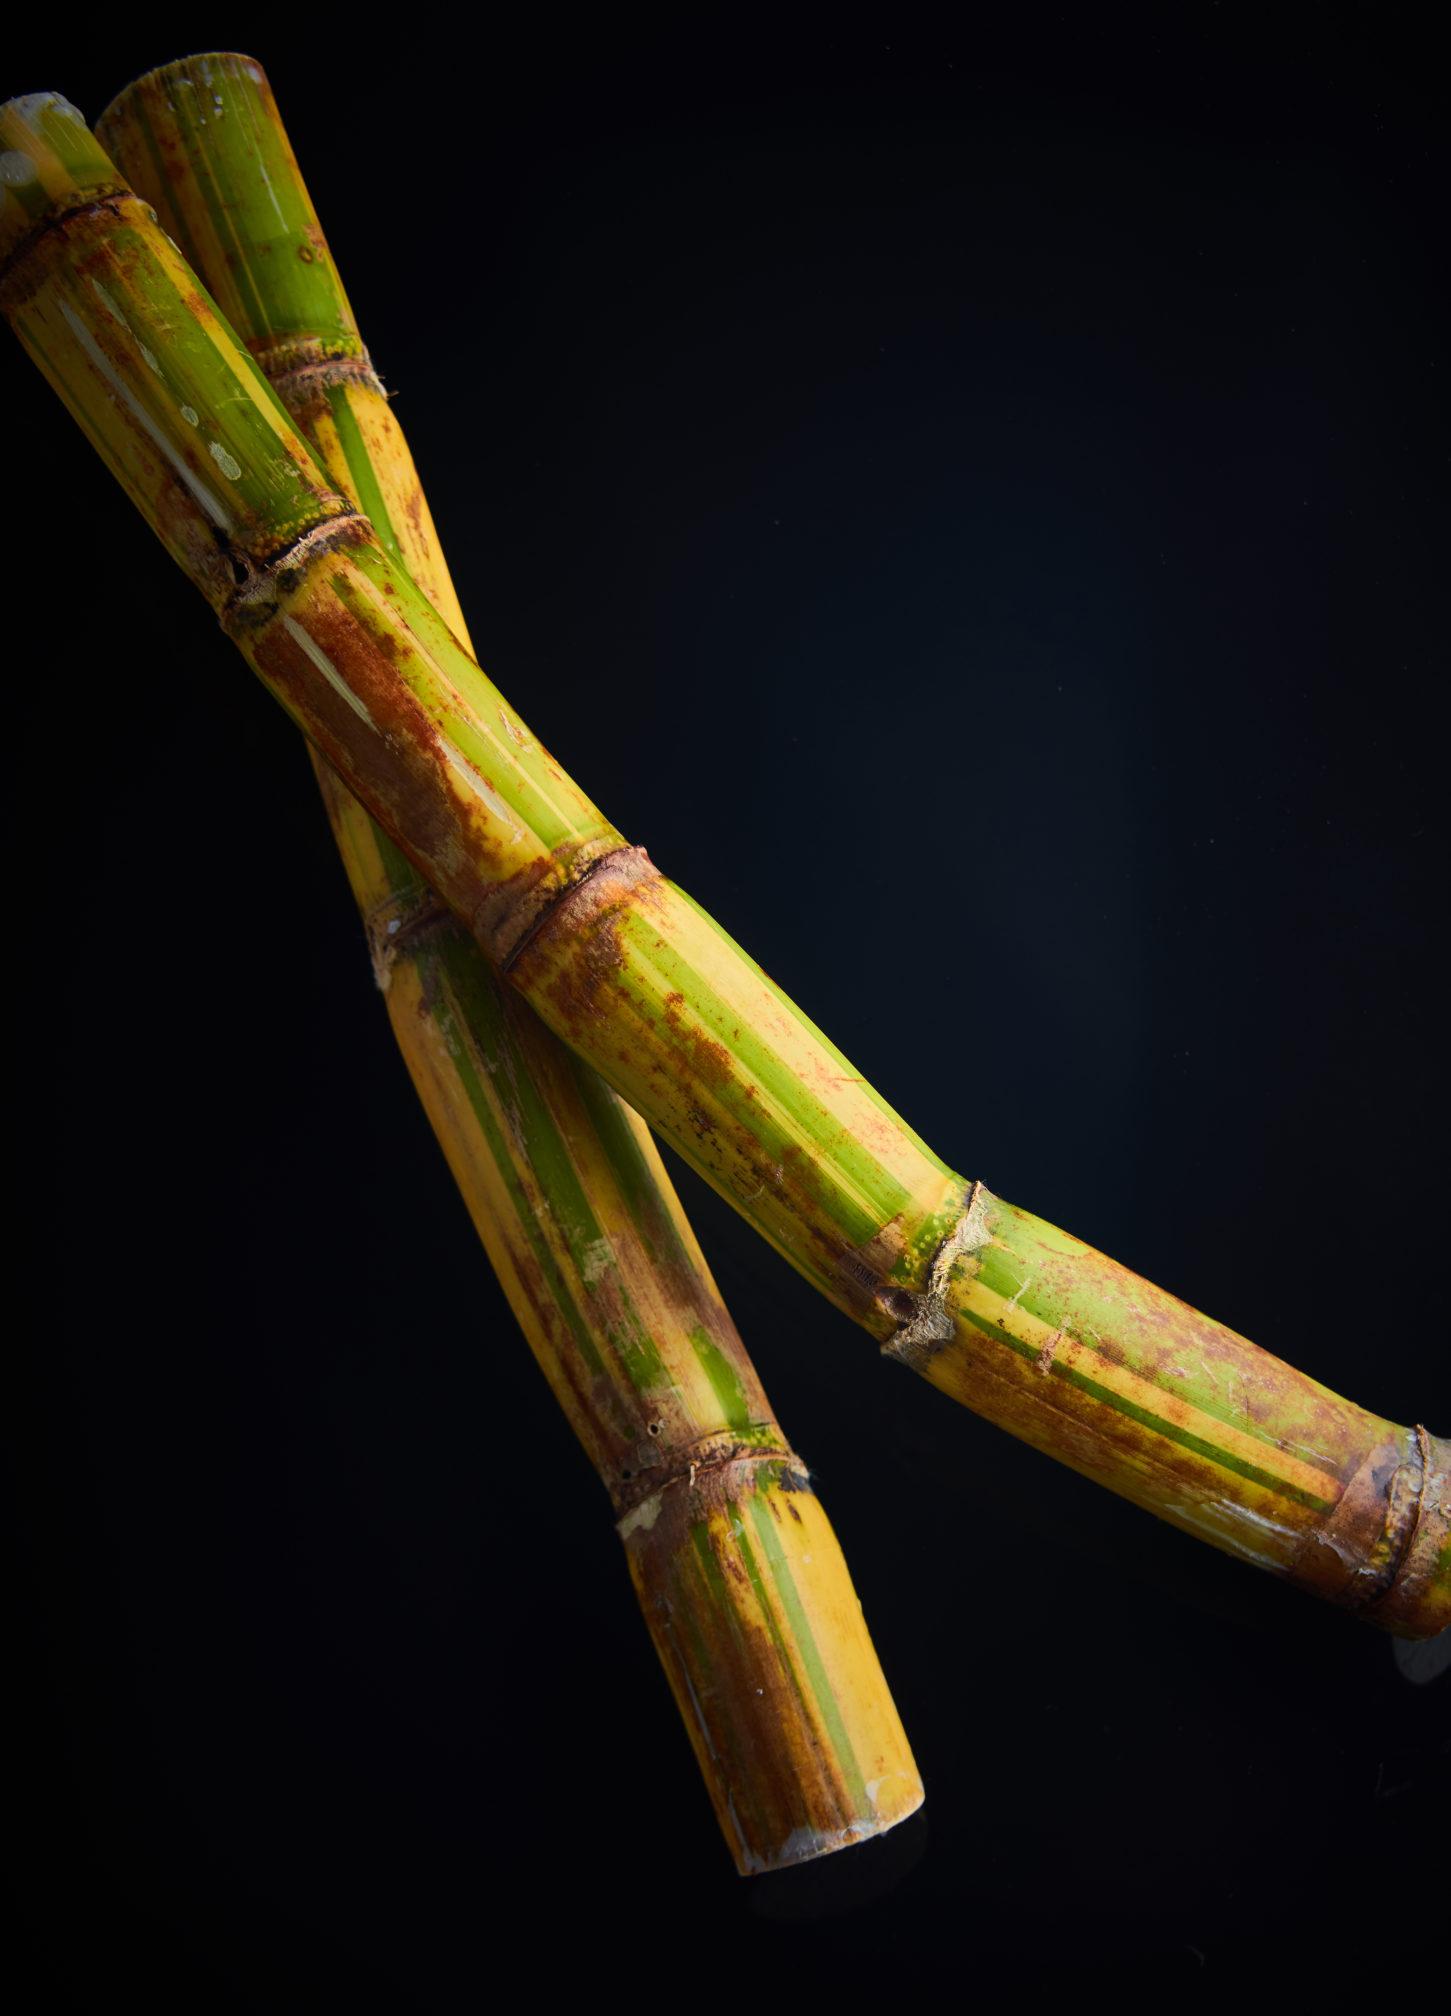 capexo-lilot-fruits-exotique-canne-à-sucre-costa-rica-antilles